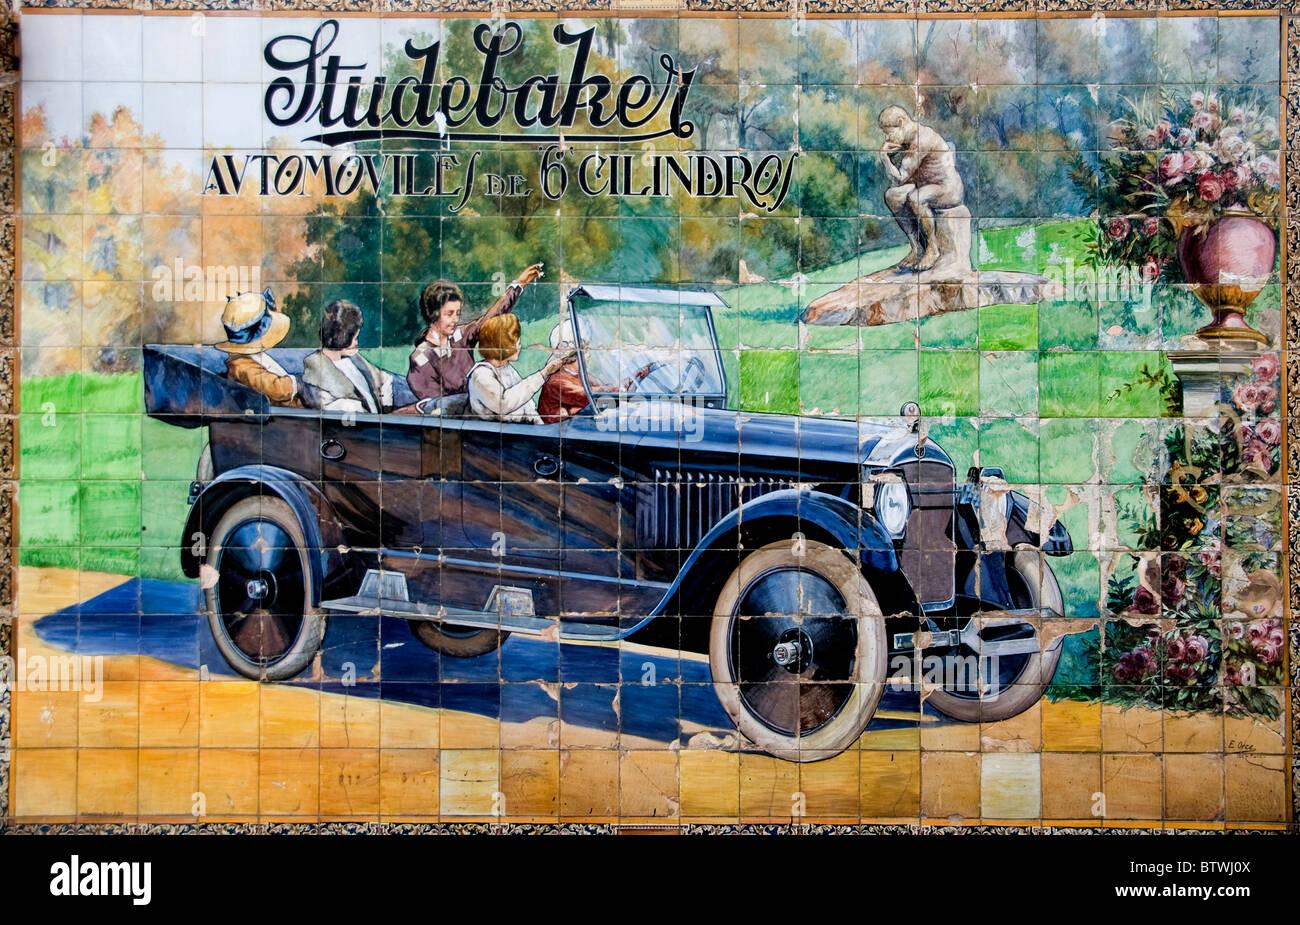 Seville Spain Studebaker old Car vintage Sign Billboard   advert Studebaker motor car  1924 Calle Tetuan Seville - Stock Image